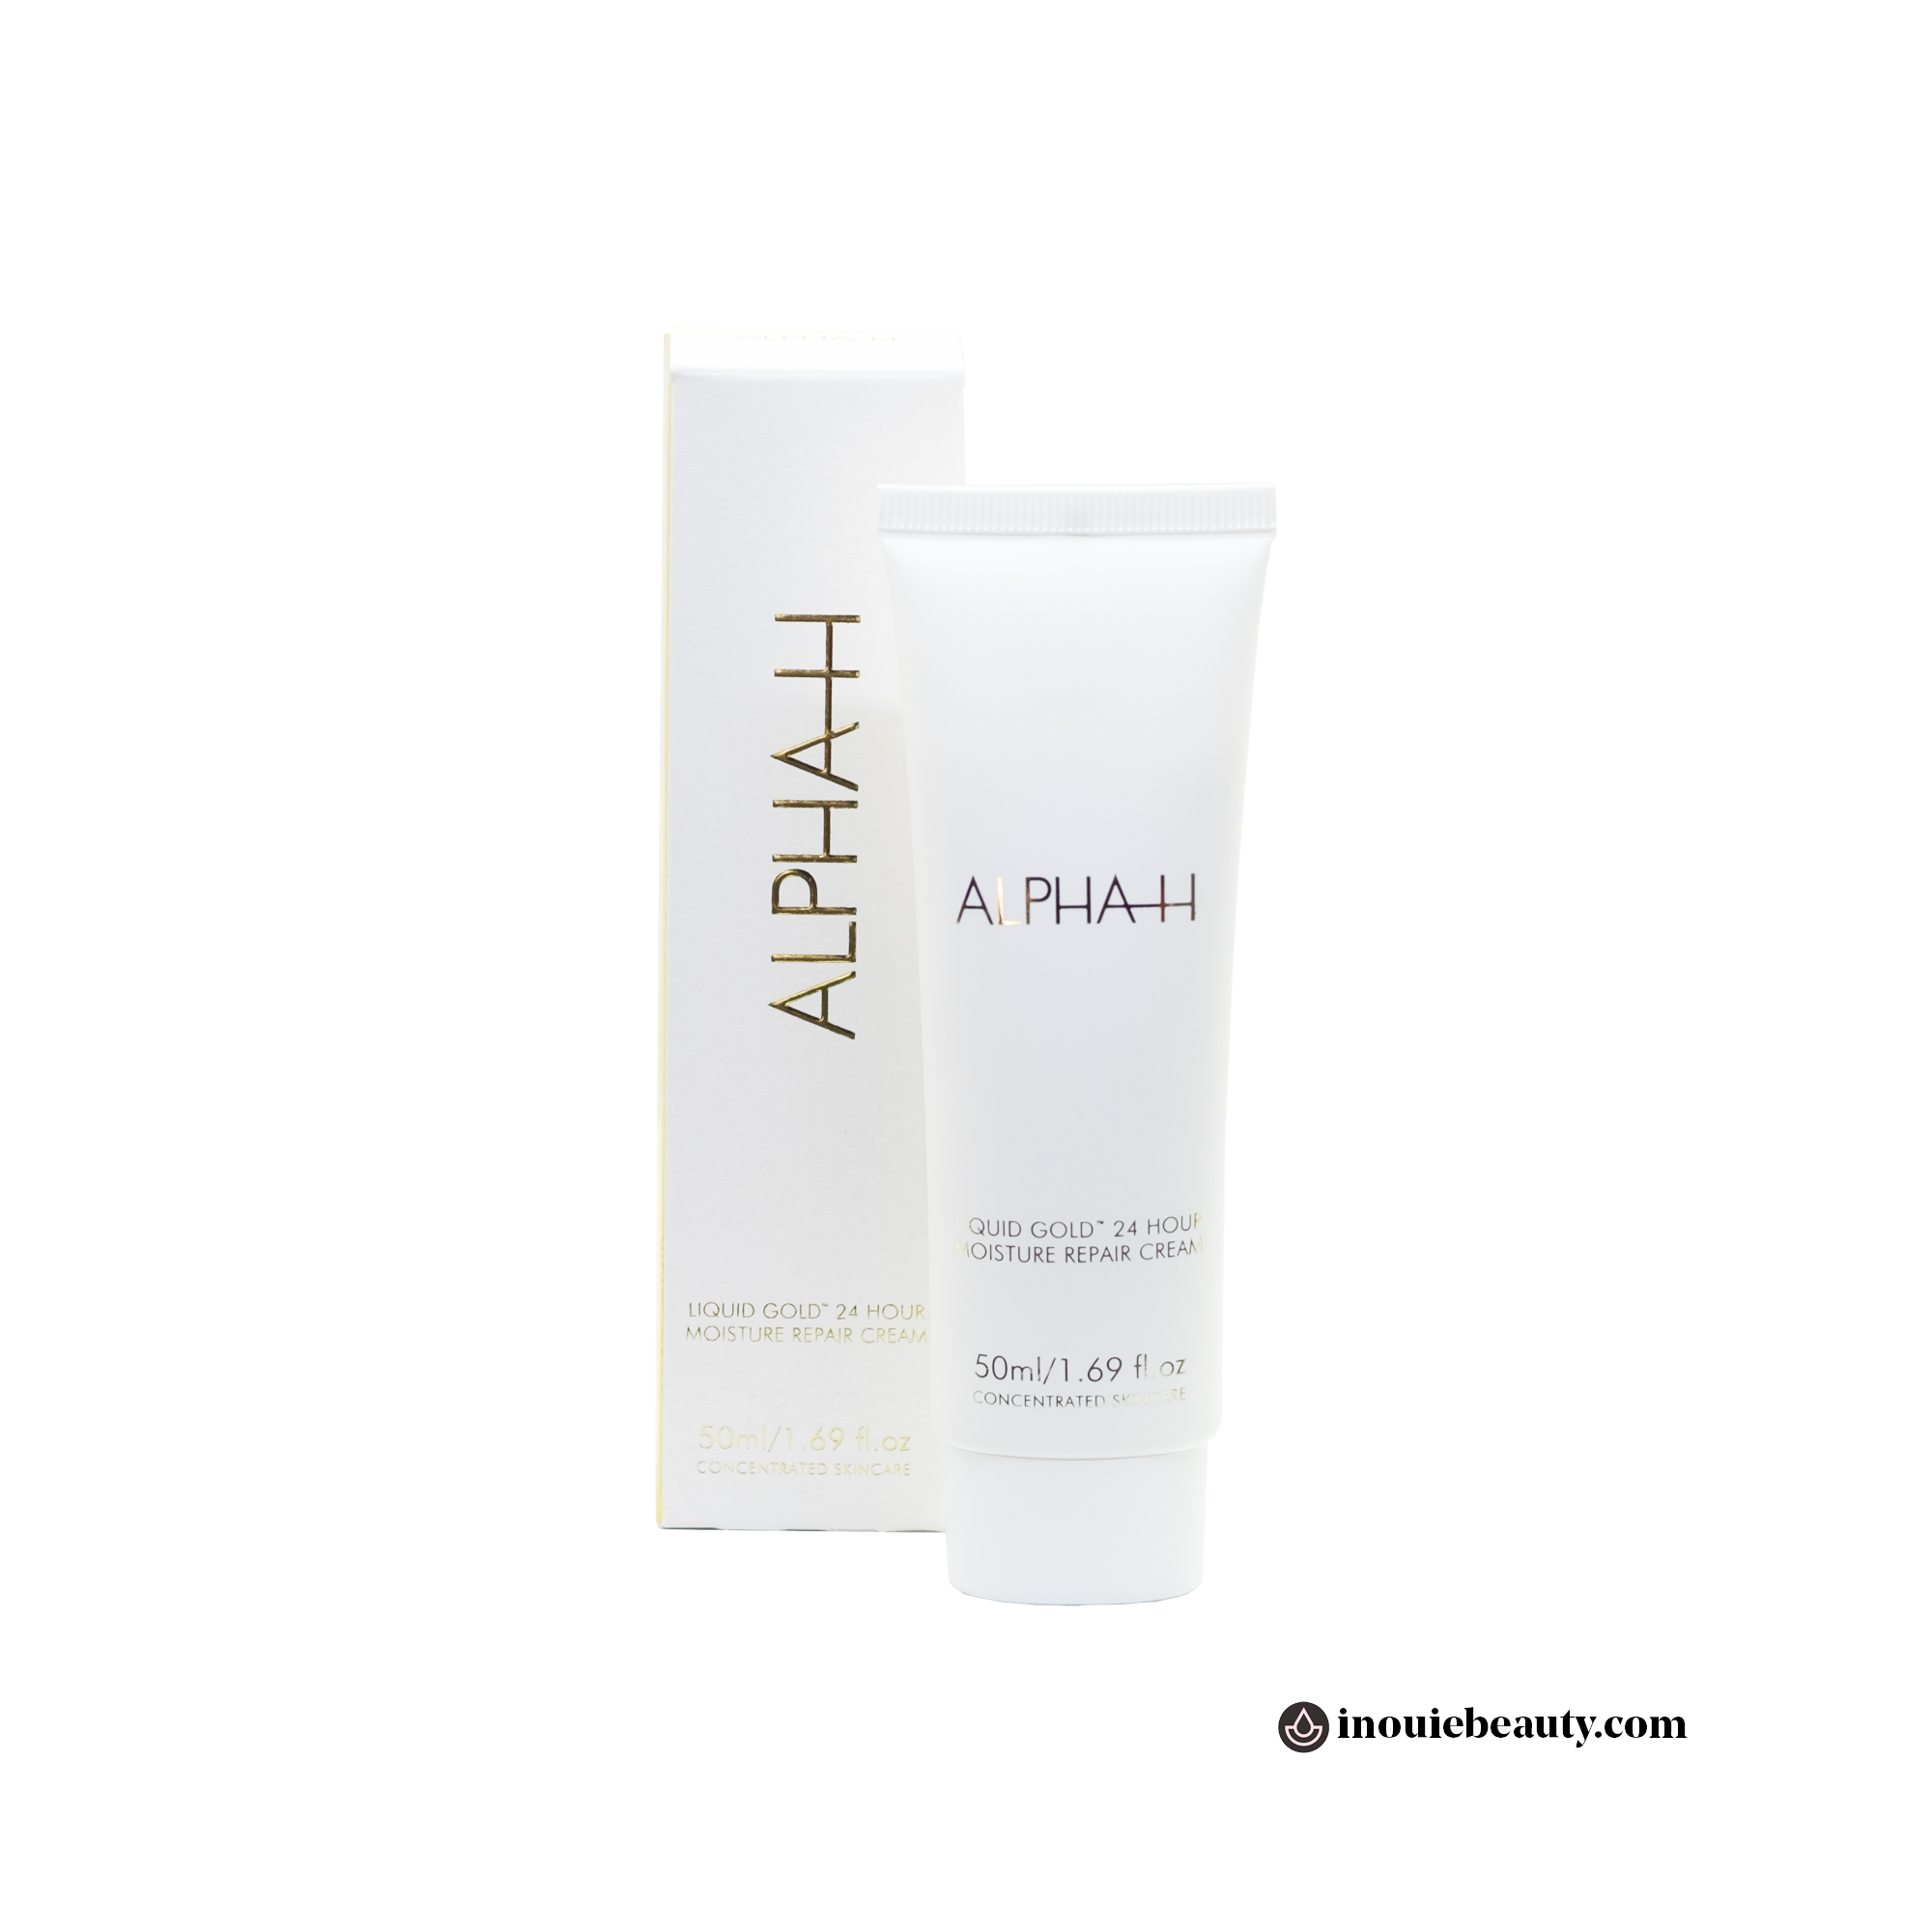 Alpha-H Liquid Gold 24h Moisture Repair Cream